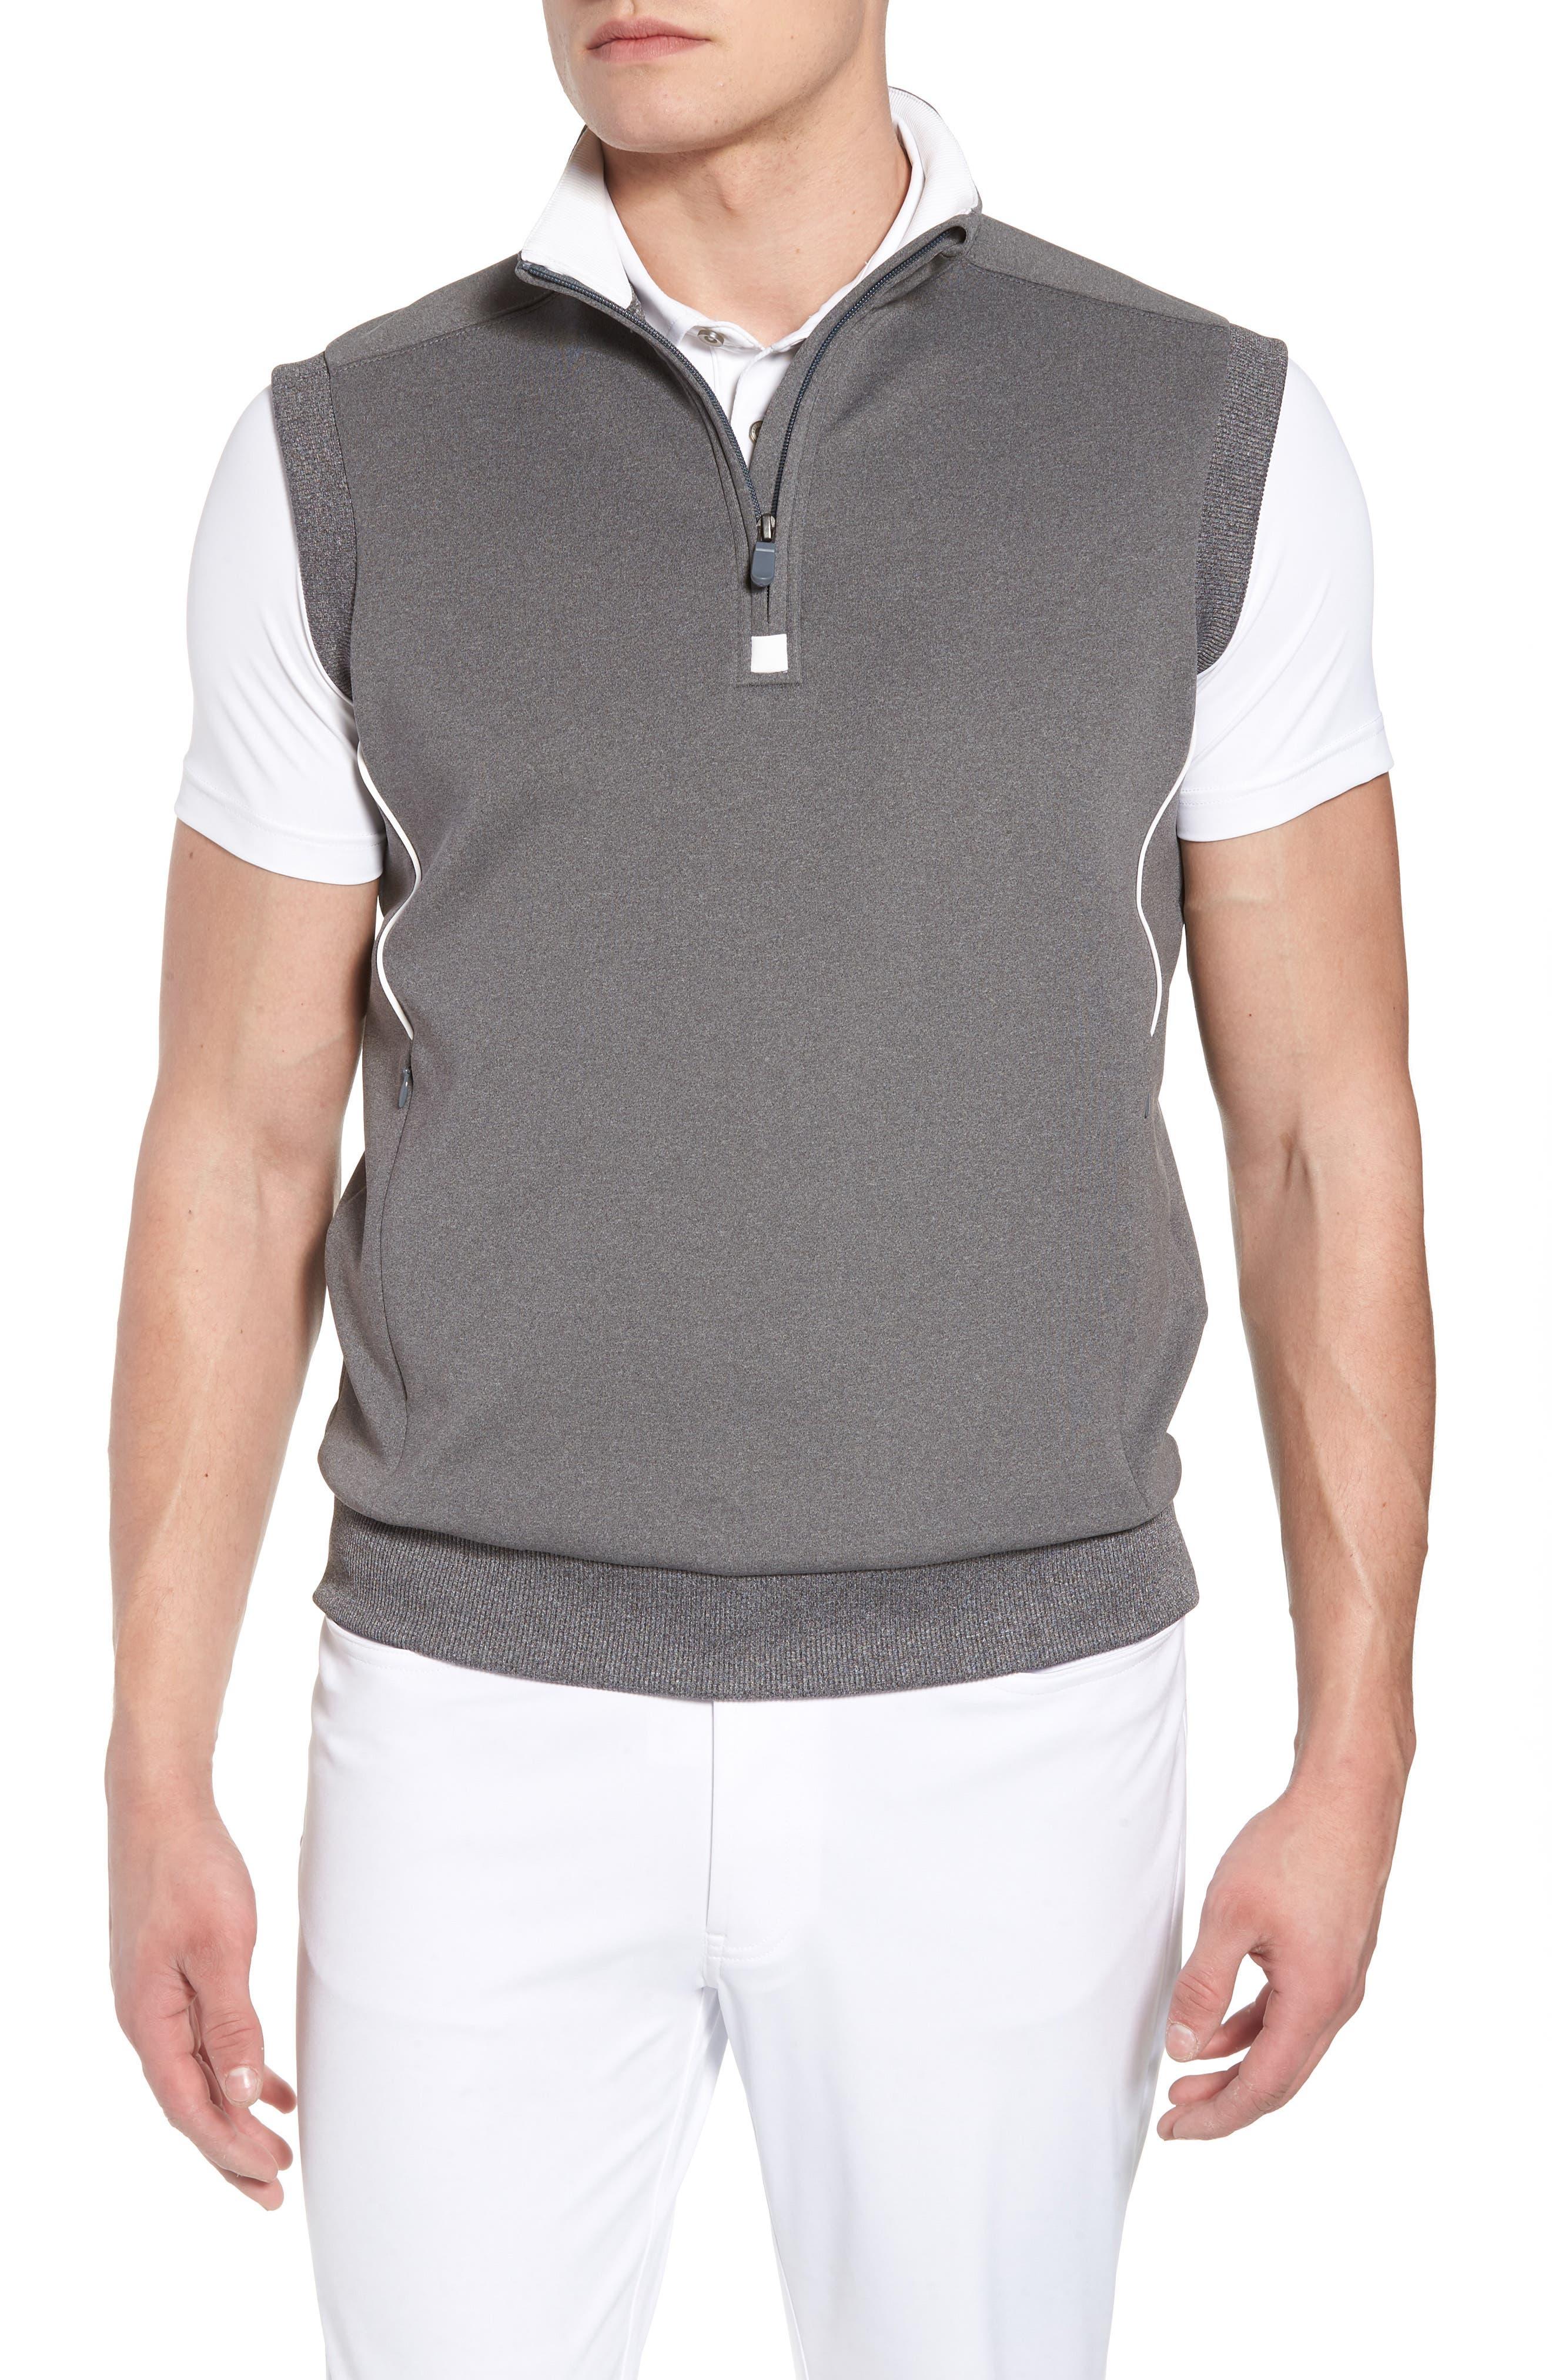 Quarter Zip Tech Vest,                         Main,                         color, GRAPHITE HEATHER